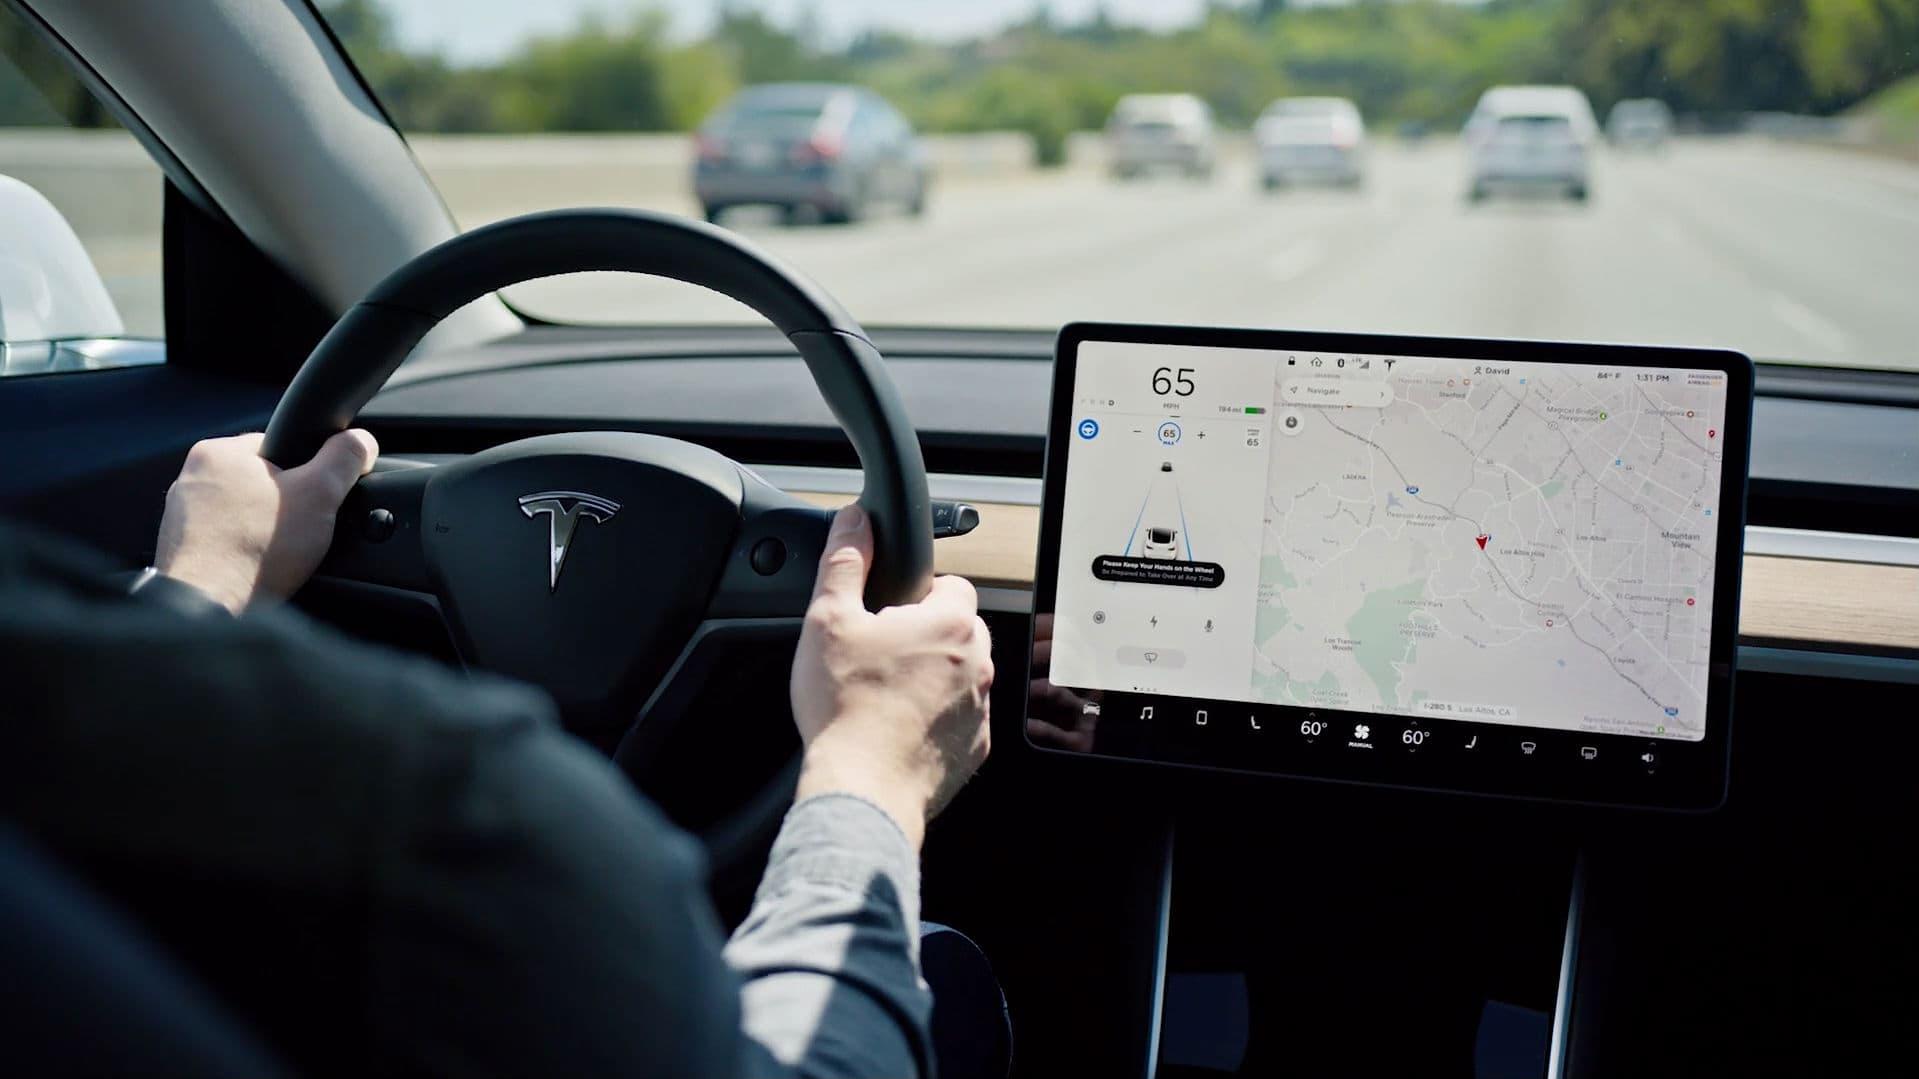 Tesla พบปัญหาผลิตไม่ได้ตามความต้องการ